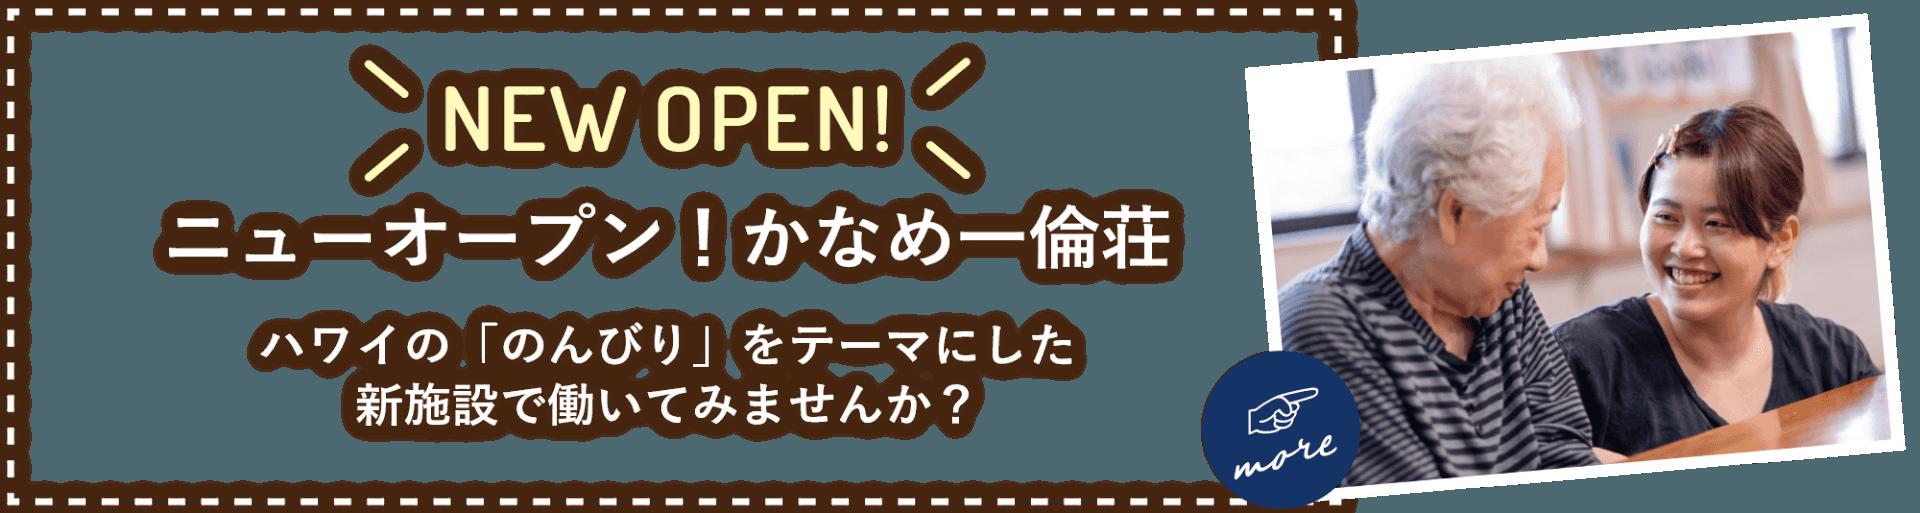 ニューオープン!かなめ一倫荘